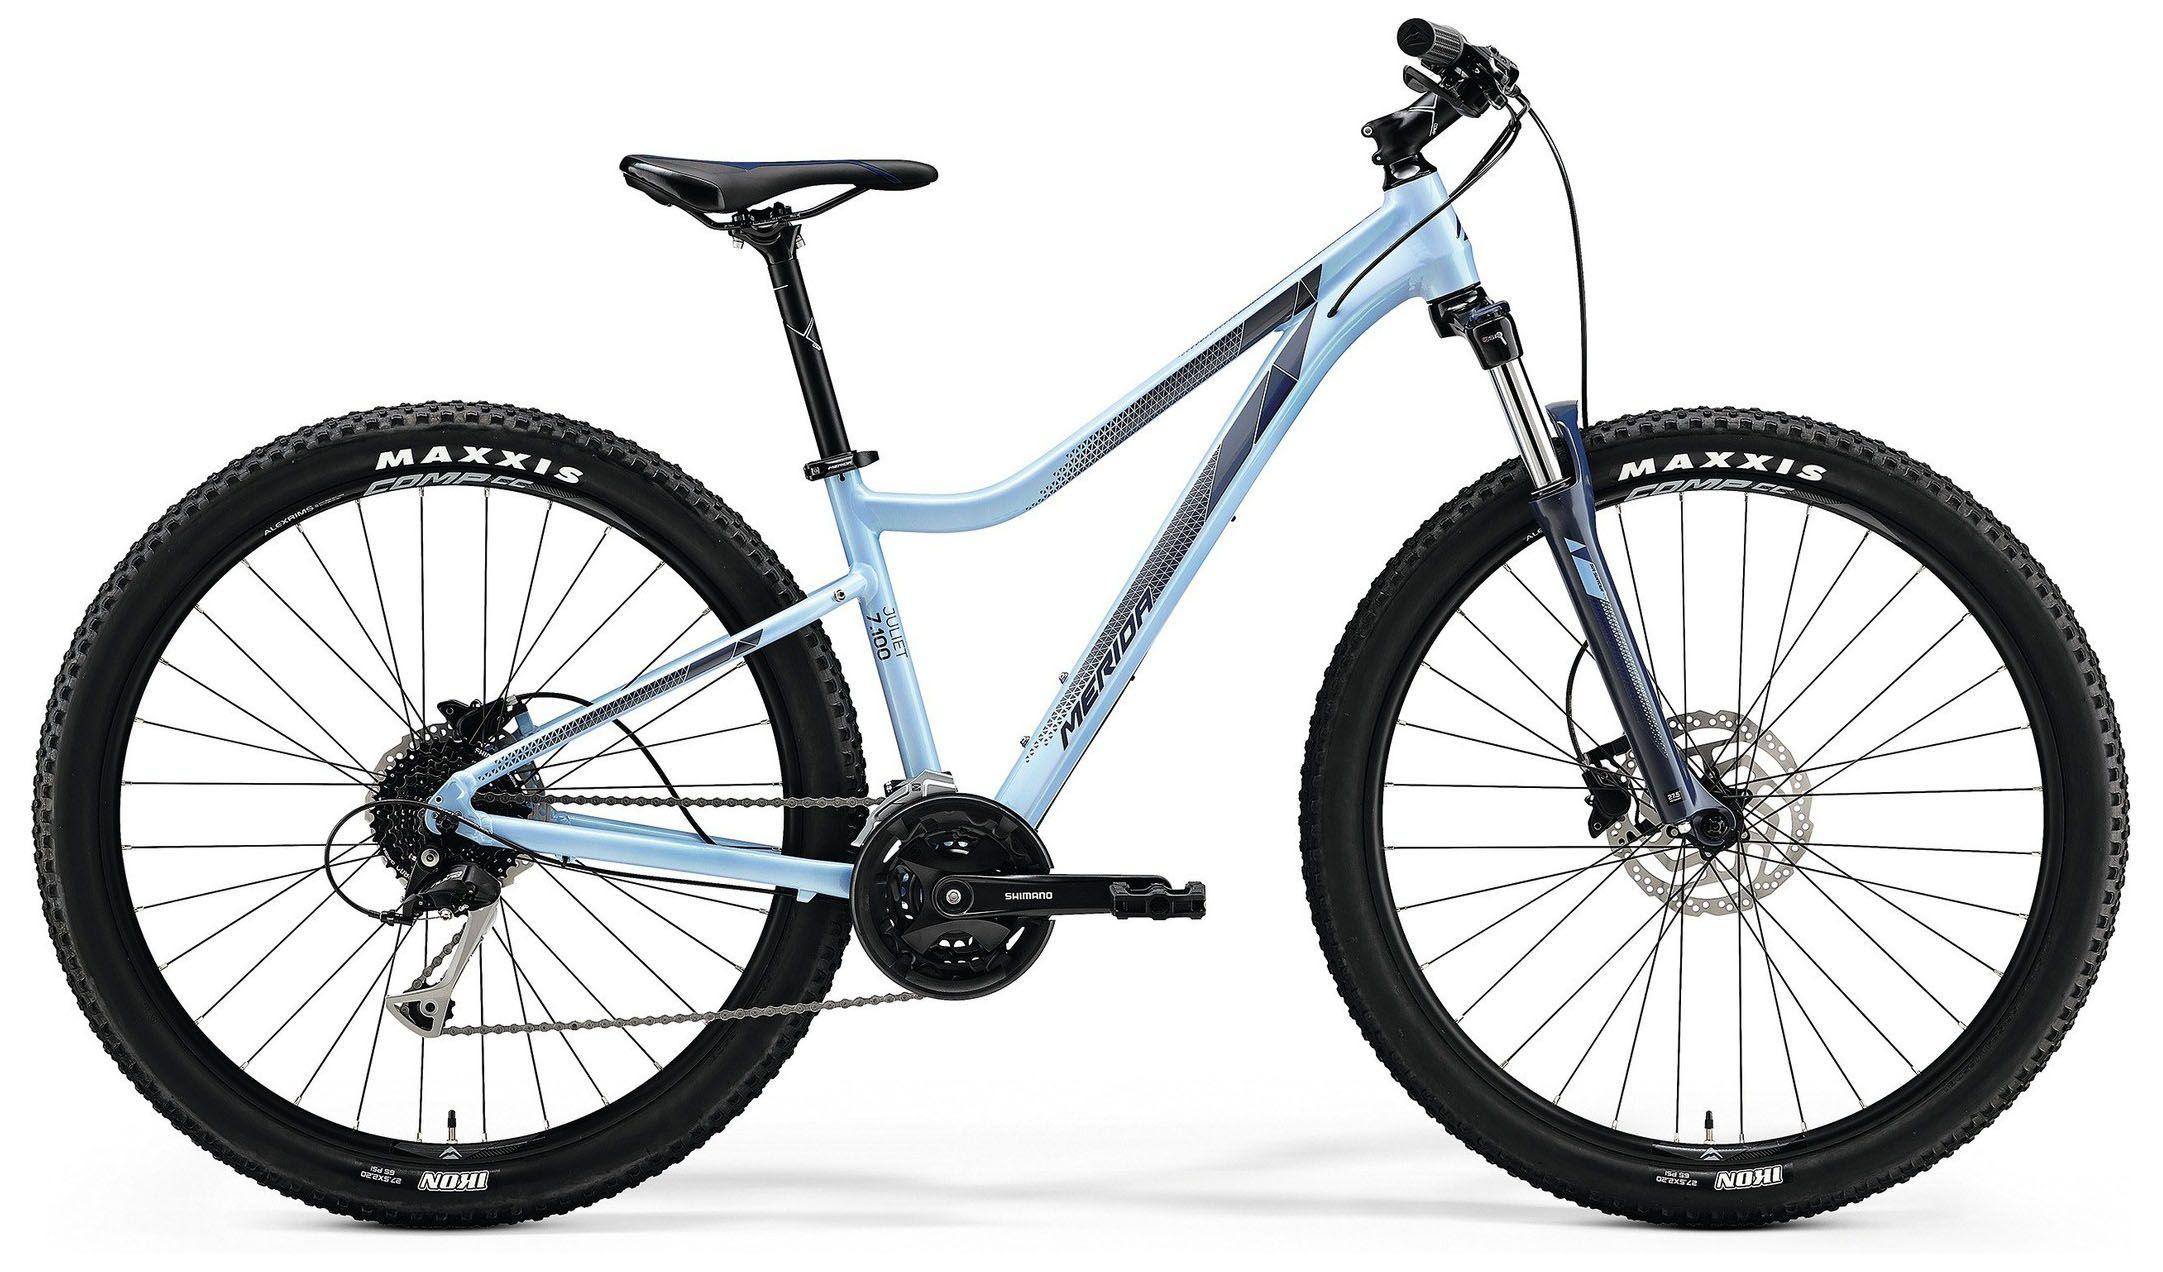 Велосипед Merida Juliet 7.100 2018 haojian складной велосипед 26 дюймов складной горный велосипед shimano скорость 21 передач двойного дисковые тормоза